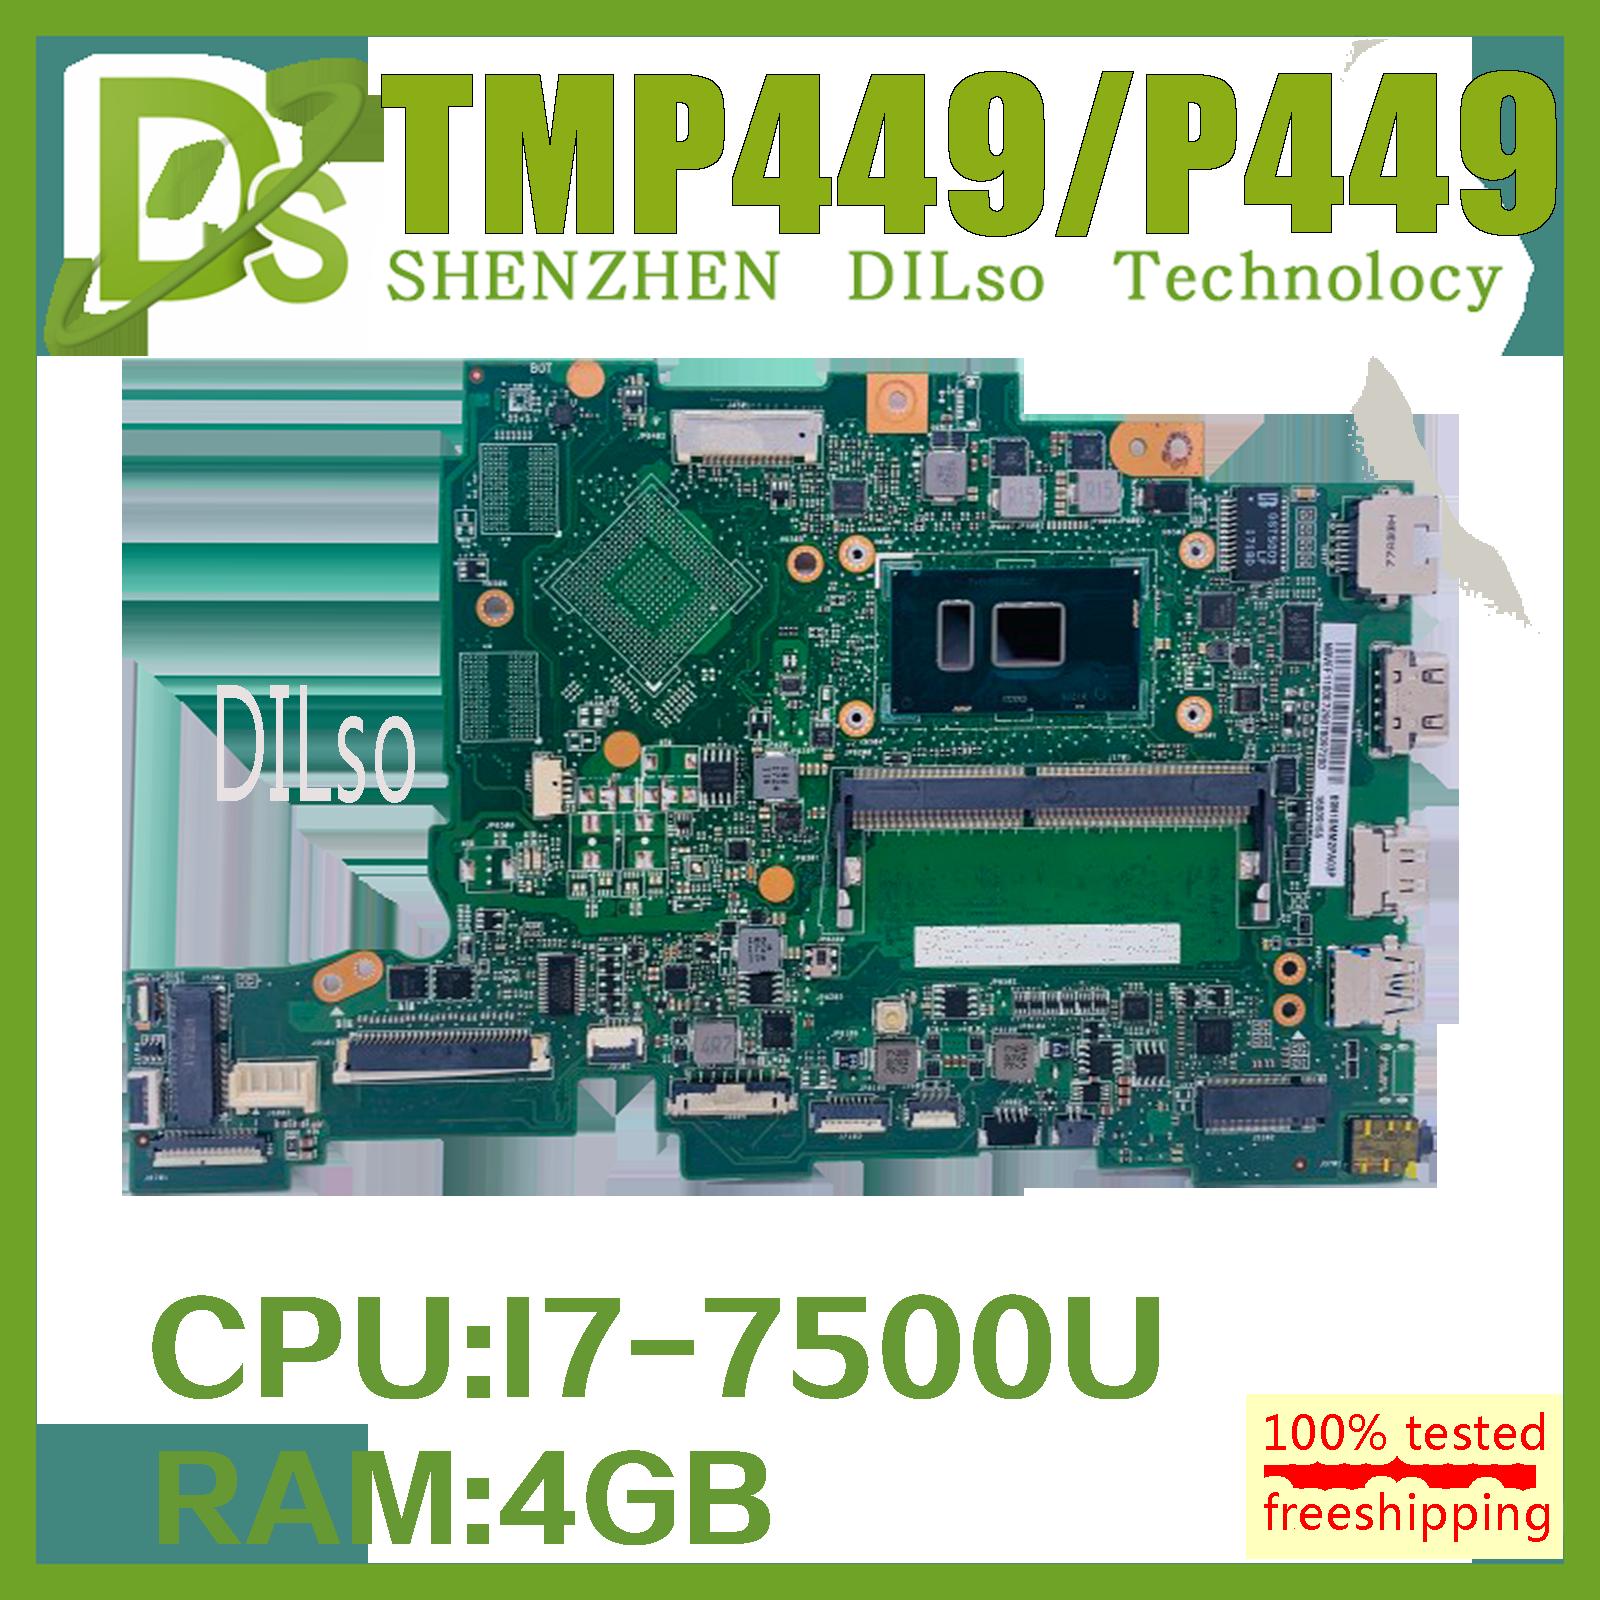 لشركة أيسر أسباير PA4DB DSC I7-7500U الأصلي دفتر اللوحة TMP449 P459-M P449-MG دفتر اللوحة 100% اختبار يعمل جيدا